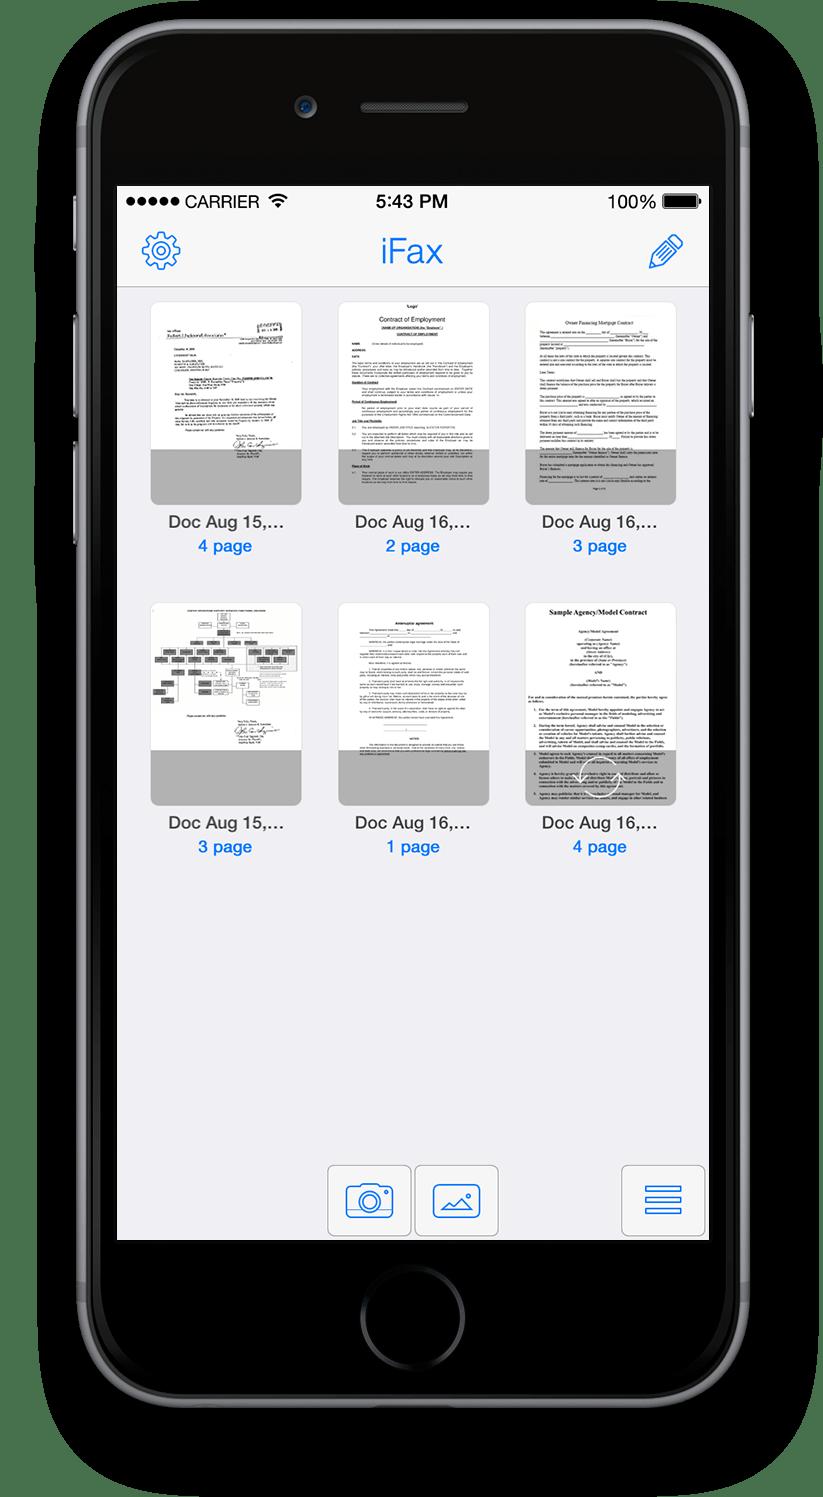 Ifax app log in